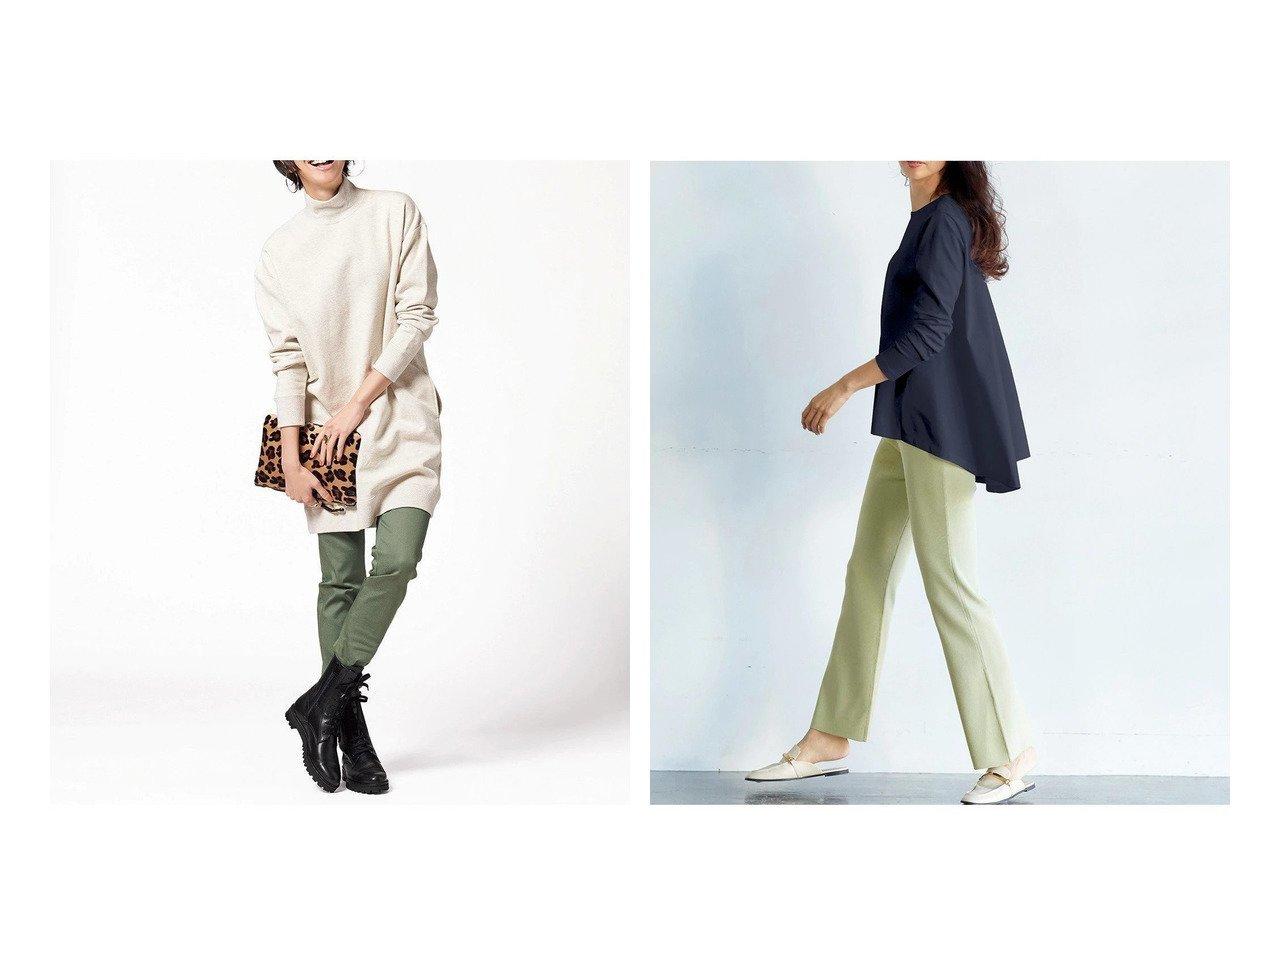 【DoCLASSE/ドゥクラッセ】のループ裏毛・ハイネックチュニック&ドゥクラッセTシャツ・ペプラムボートネック ドゥクラッセの40代、50代の方におすすめ!人気トレンド・ファッションの通販 おすすめで人気の流行・トレンド、ファッションの通販商品 メンズファッション・キッズファッション・インテリア・家具・レディースファッション・服の通販 founy(ファニー) https://founy.com/ ファッション Fashion レディースファッション WOMEN トップス カットソー Tops Tshirt シャツ/ブラウス Shirts Blouses ロング / Tシャツ T-Shirts おすすめ Recommend ショルダー スウェット チュニック トレンド トレーナー ドロップ ハイネック ループ 春 Spring インナー ダブル 定番 Standard なめらか 人気 フロント ペプラム |ID:crp329100000021617